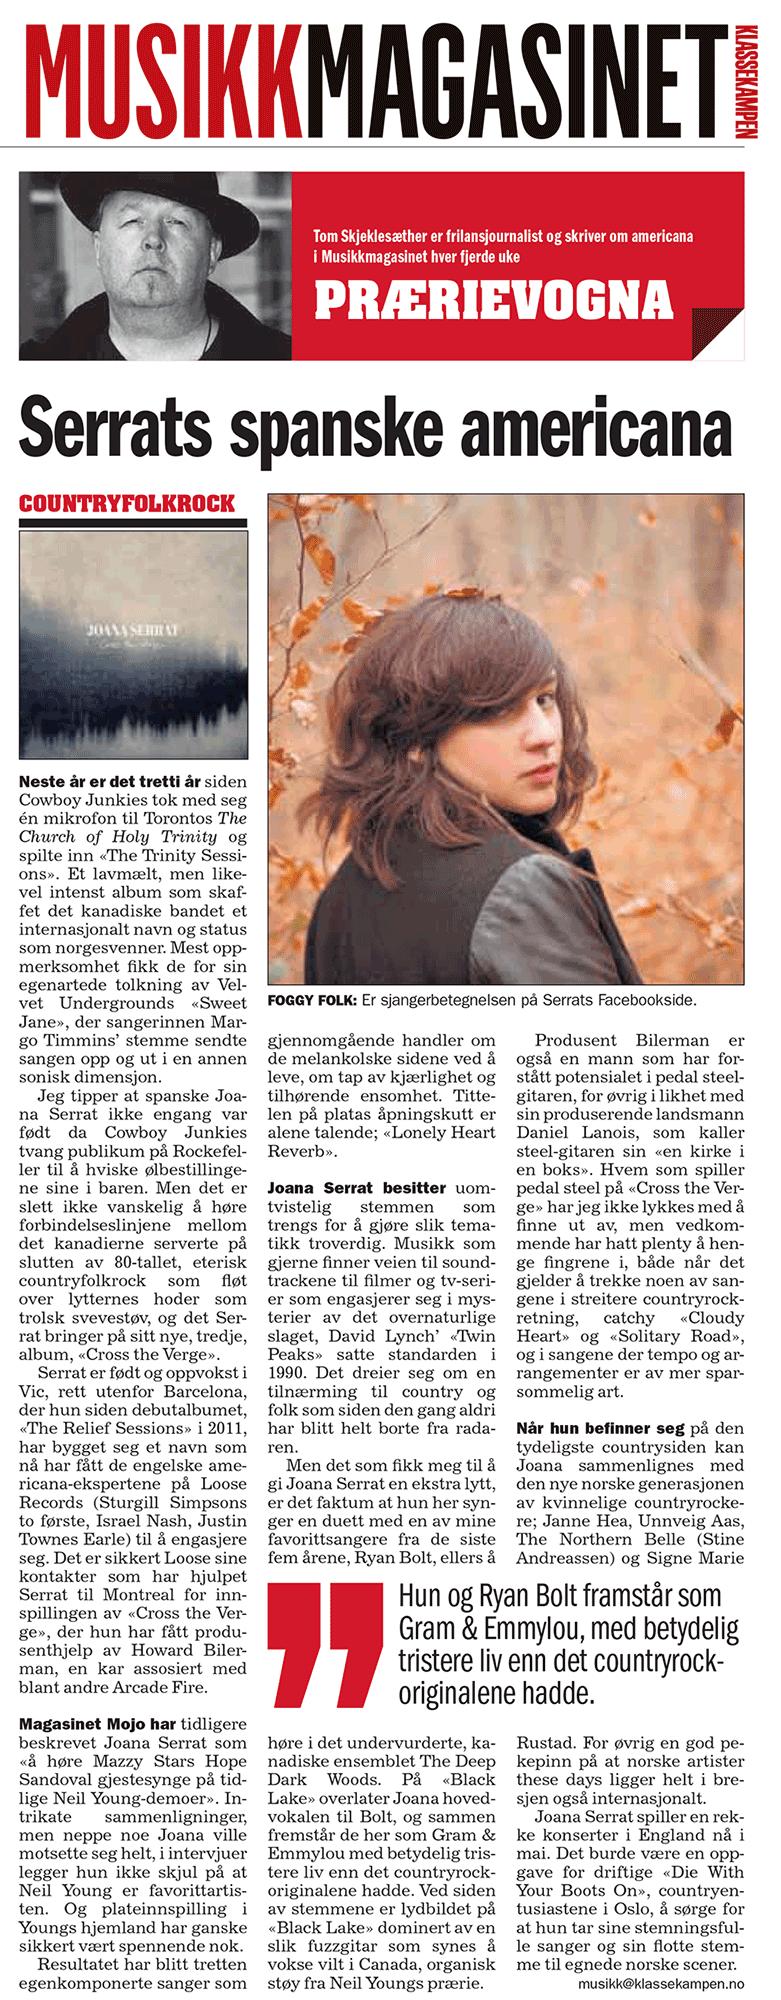 Joana Serrat - Musikk Magasinet - 23 May 2016